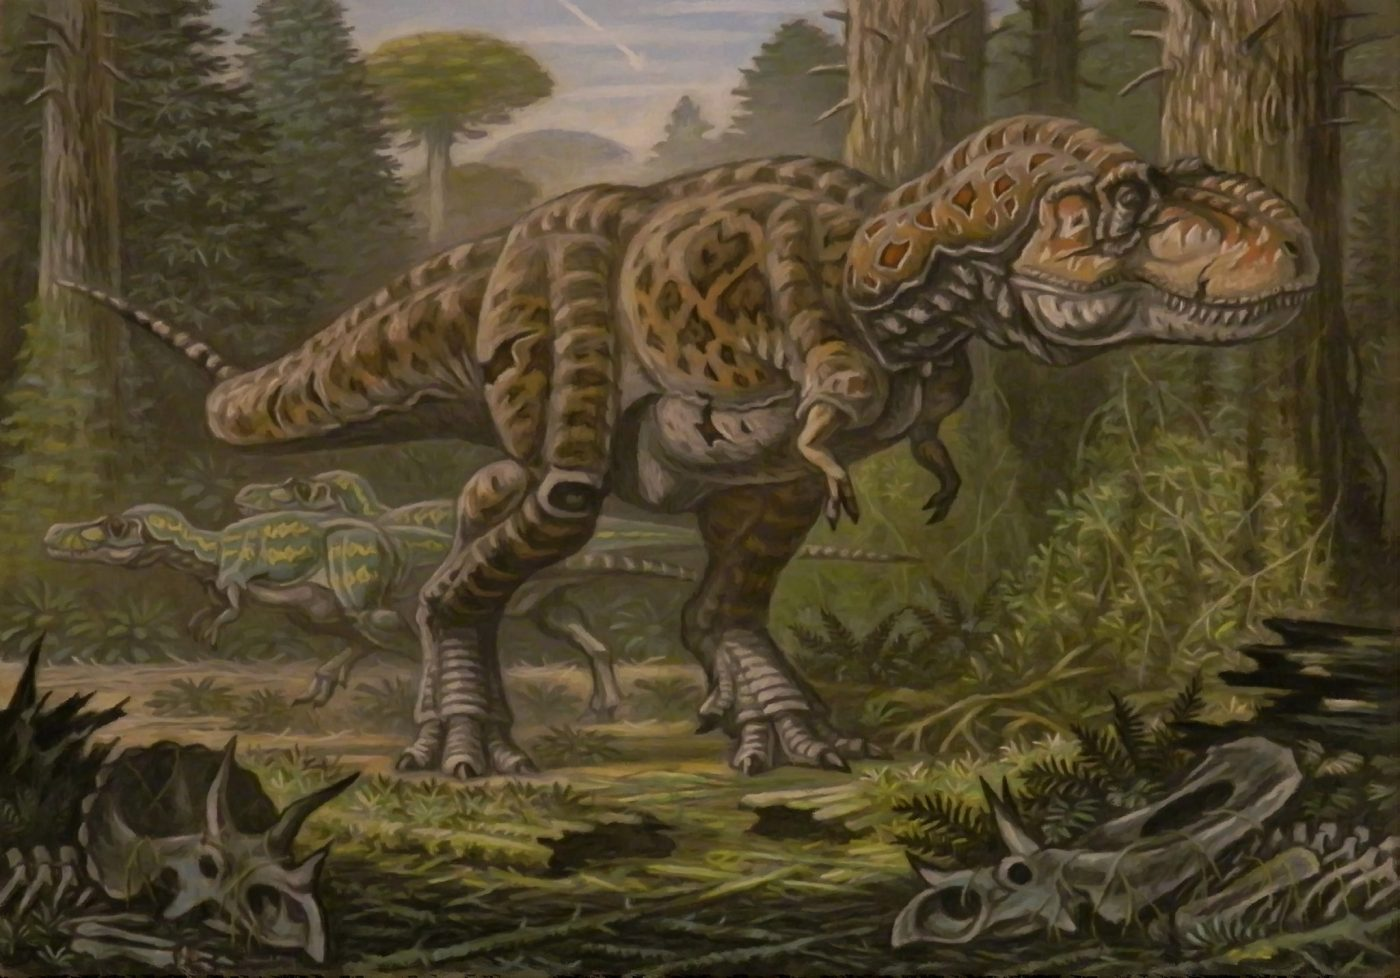 Mesozoico según paleoarte.